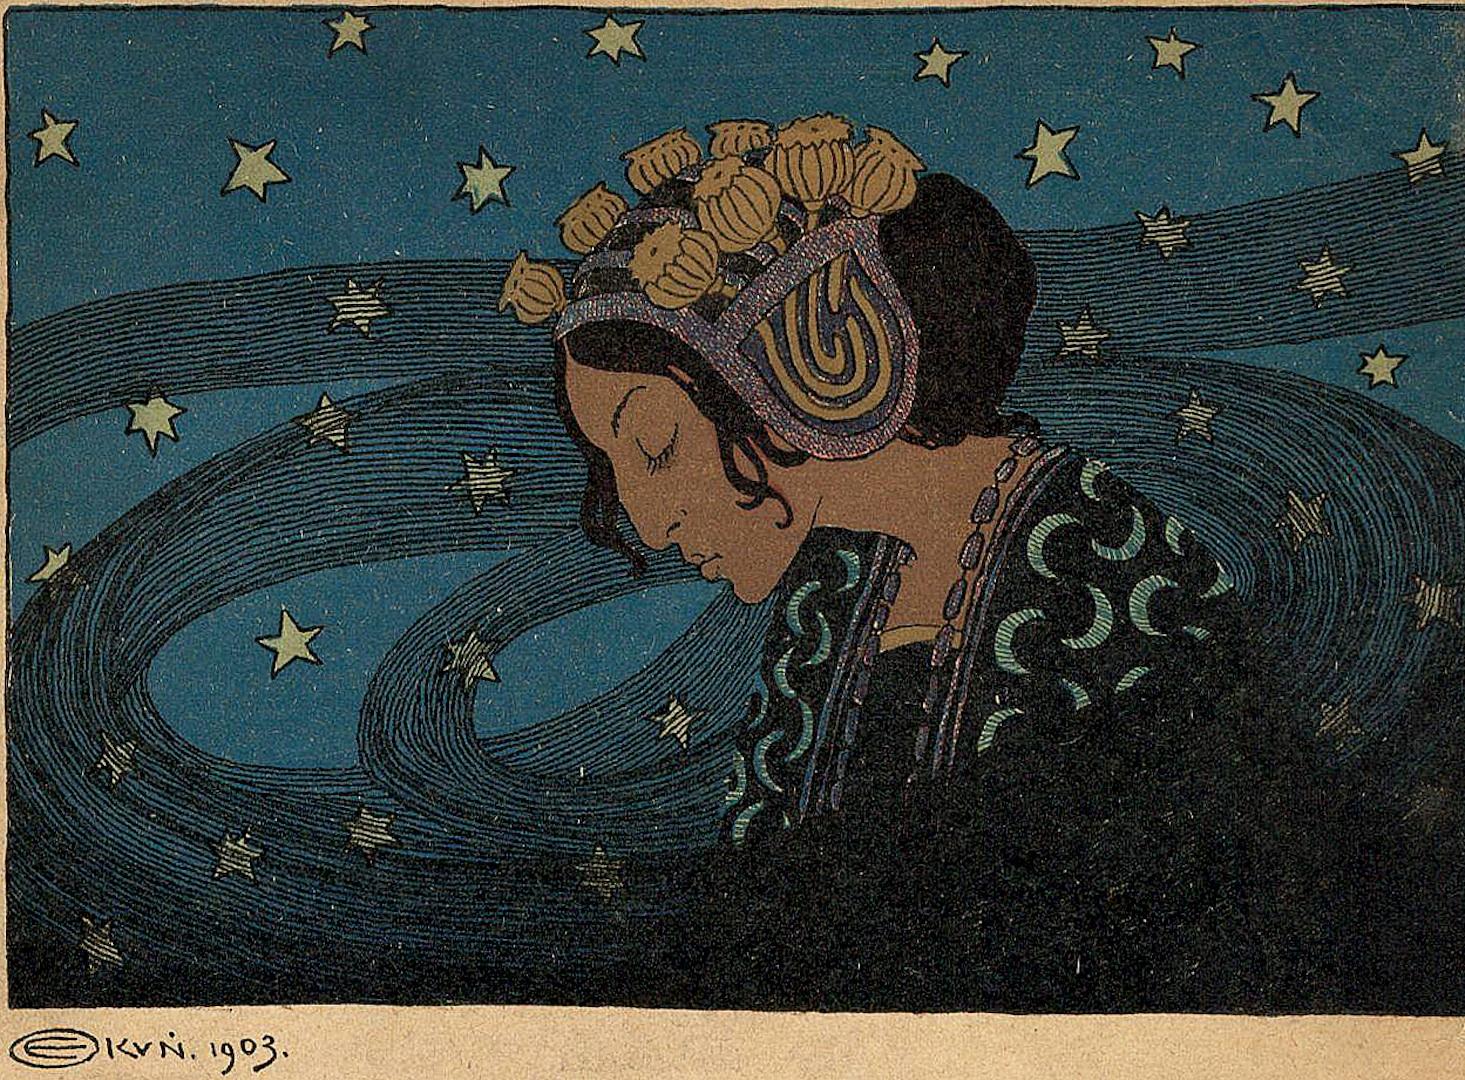 Noc, 1903